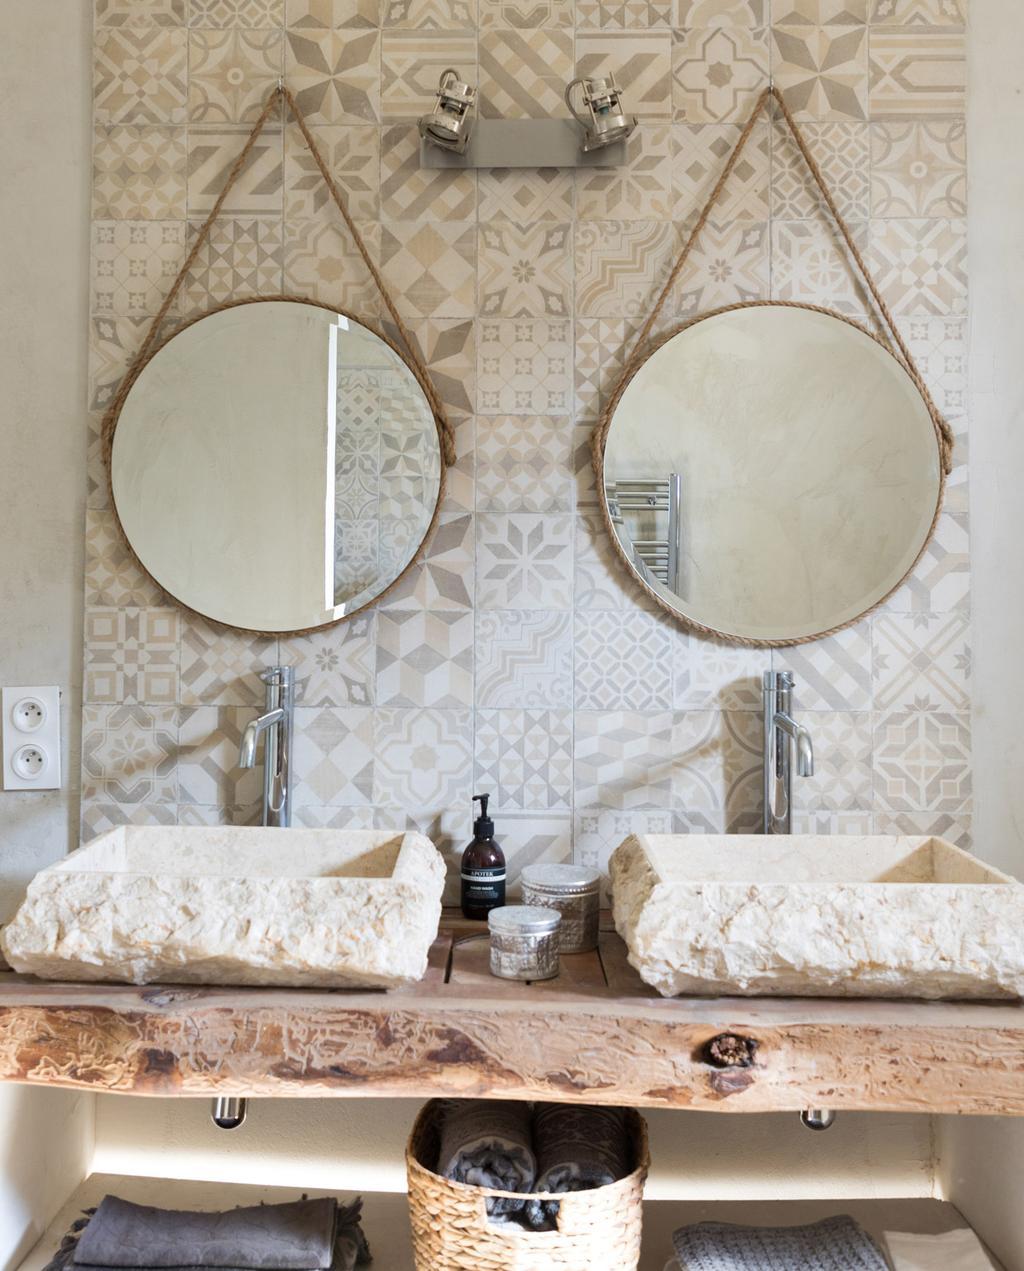 vtwonen 05-2021 | ronde spiegels in de badkamer